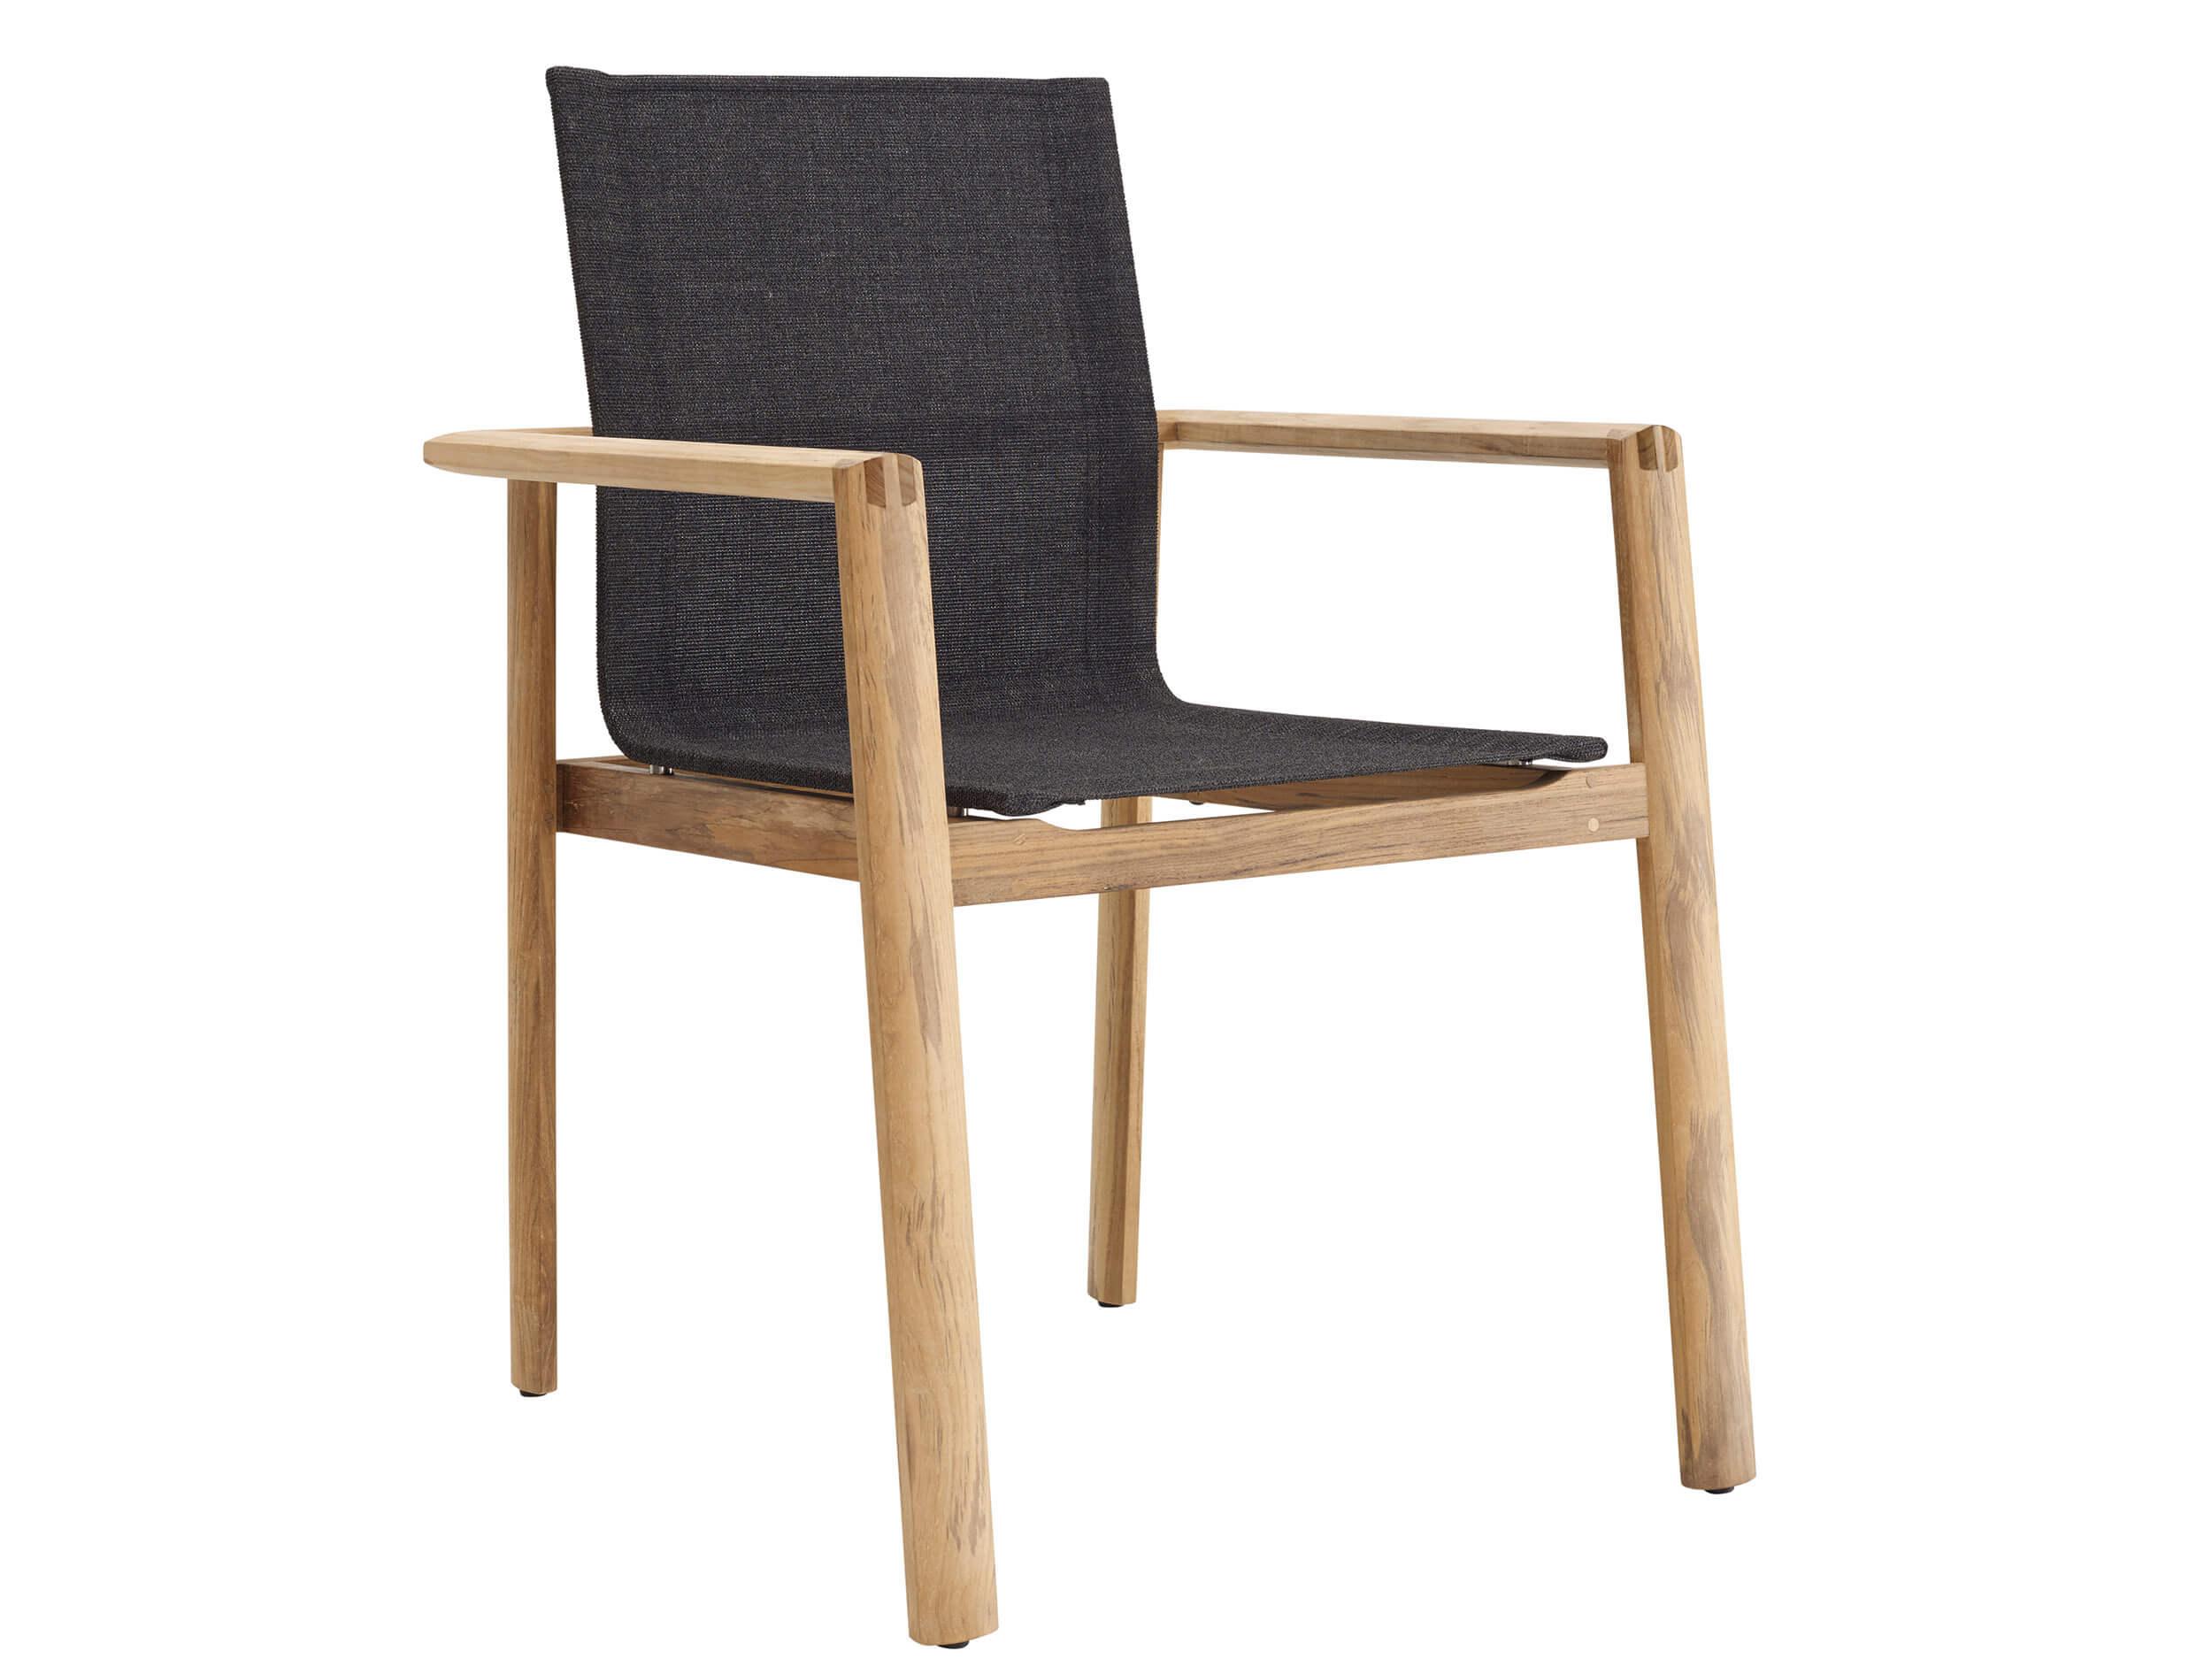 gartenst hle holz gartenm bel l nse. Black Bedroom Furniture Sets. Home Design Ideas